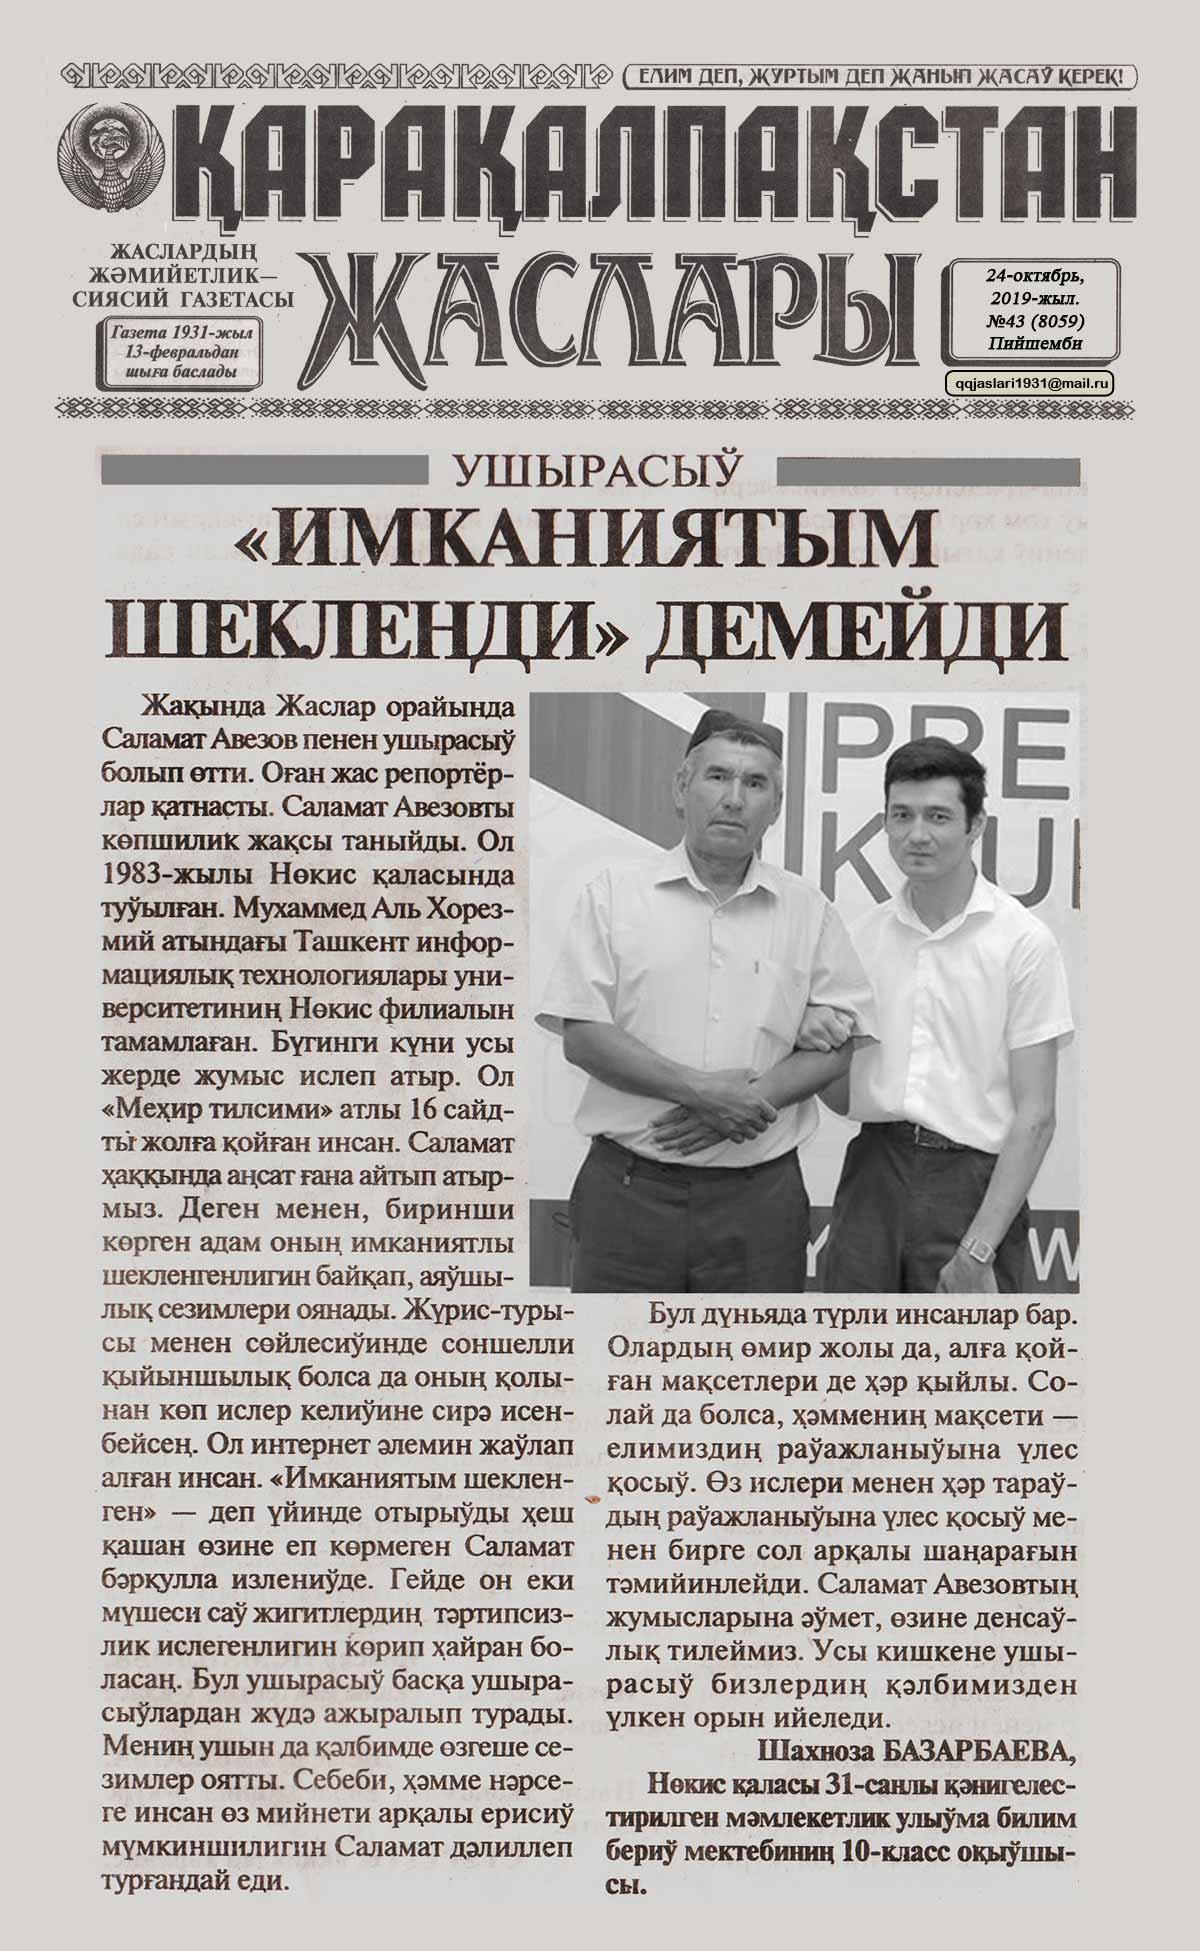 «Қарақалпақстан жаслары» газетасы  24-октябрь, 2019-жыл. №43 (8059)